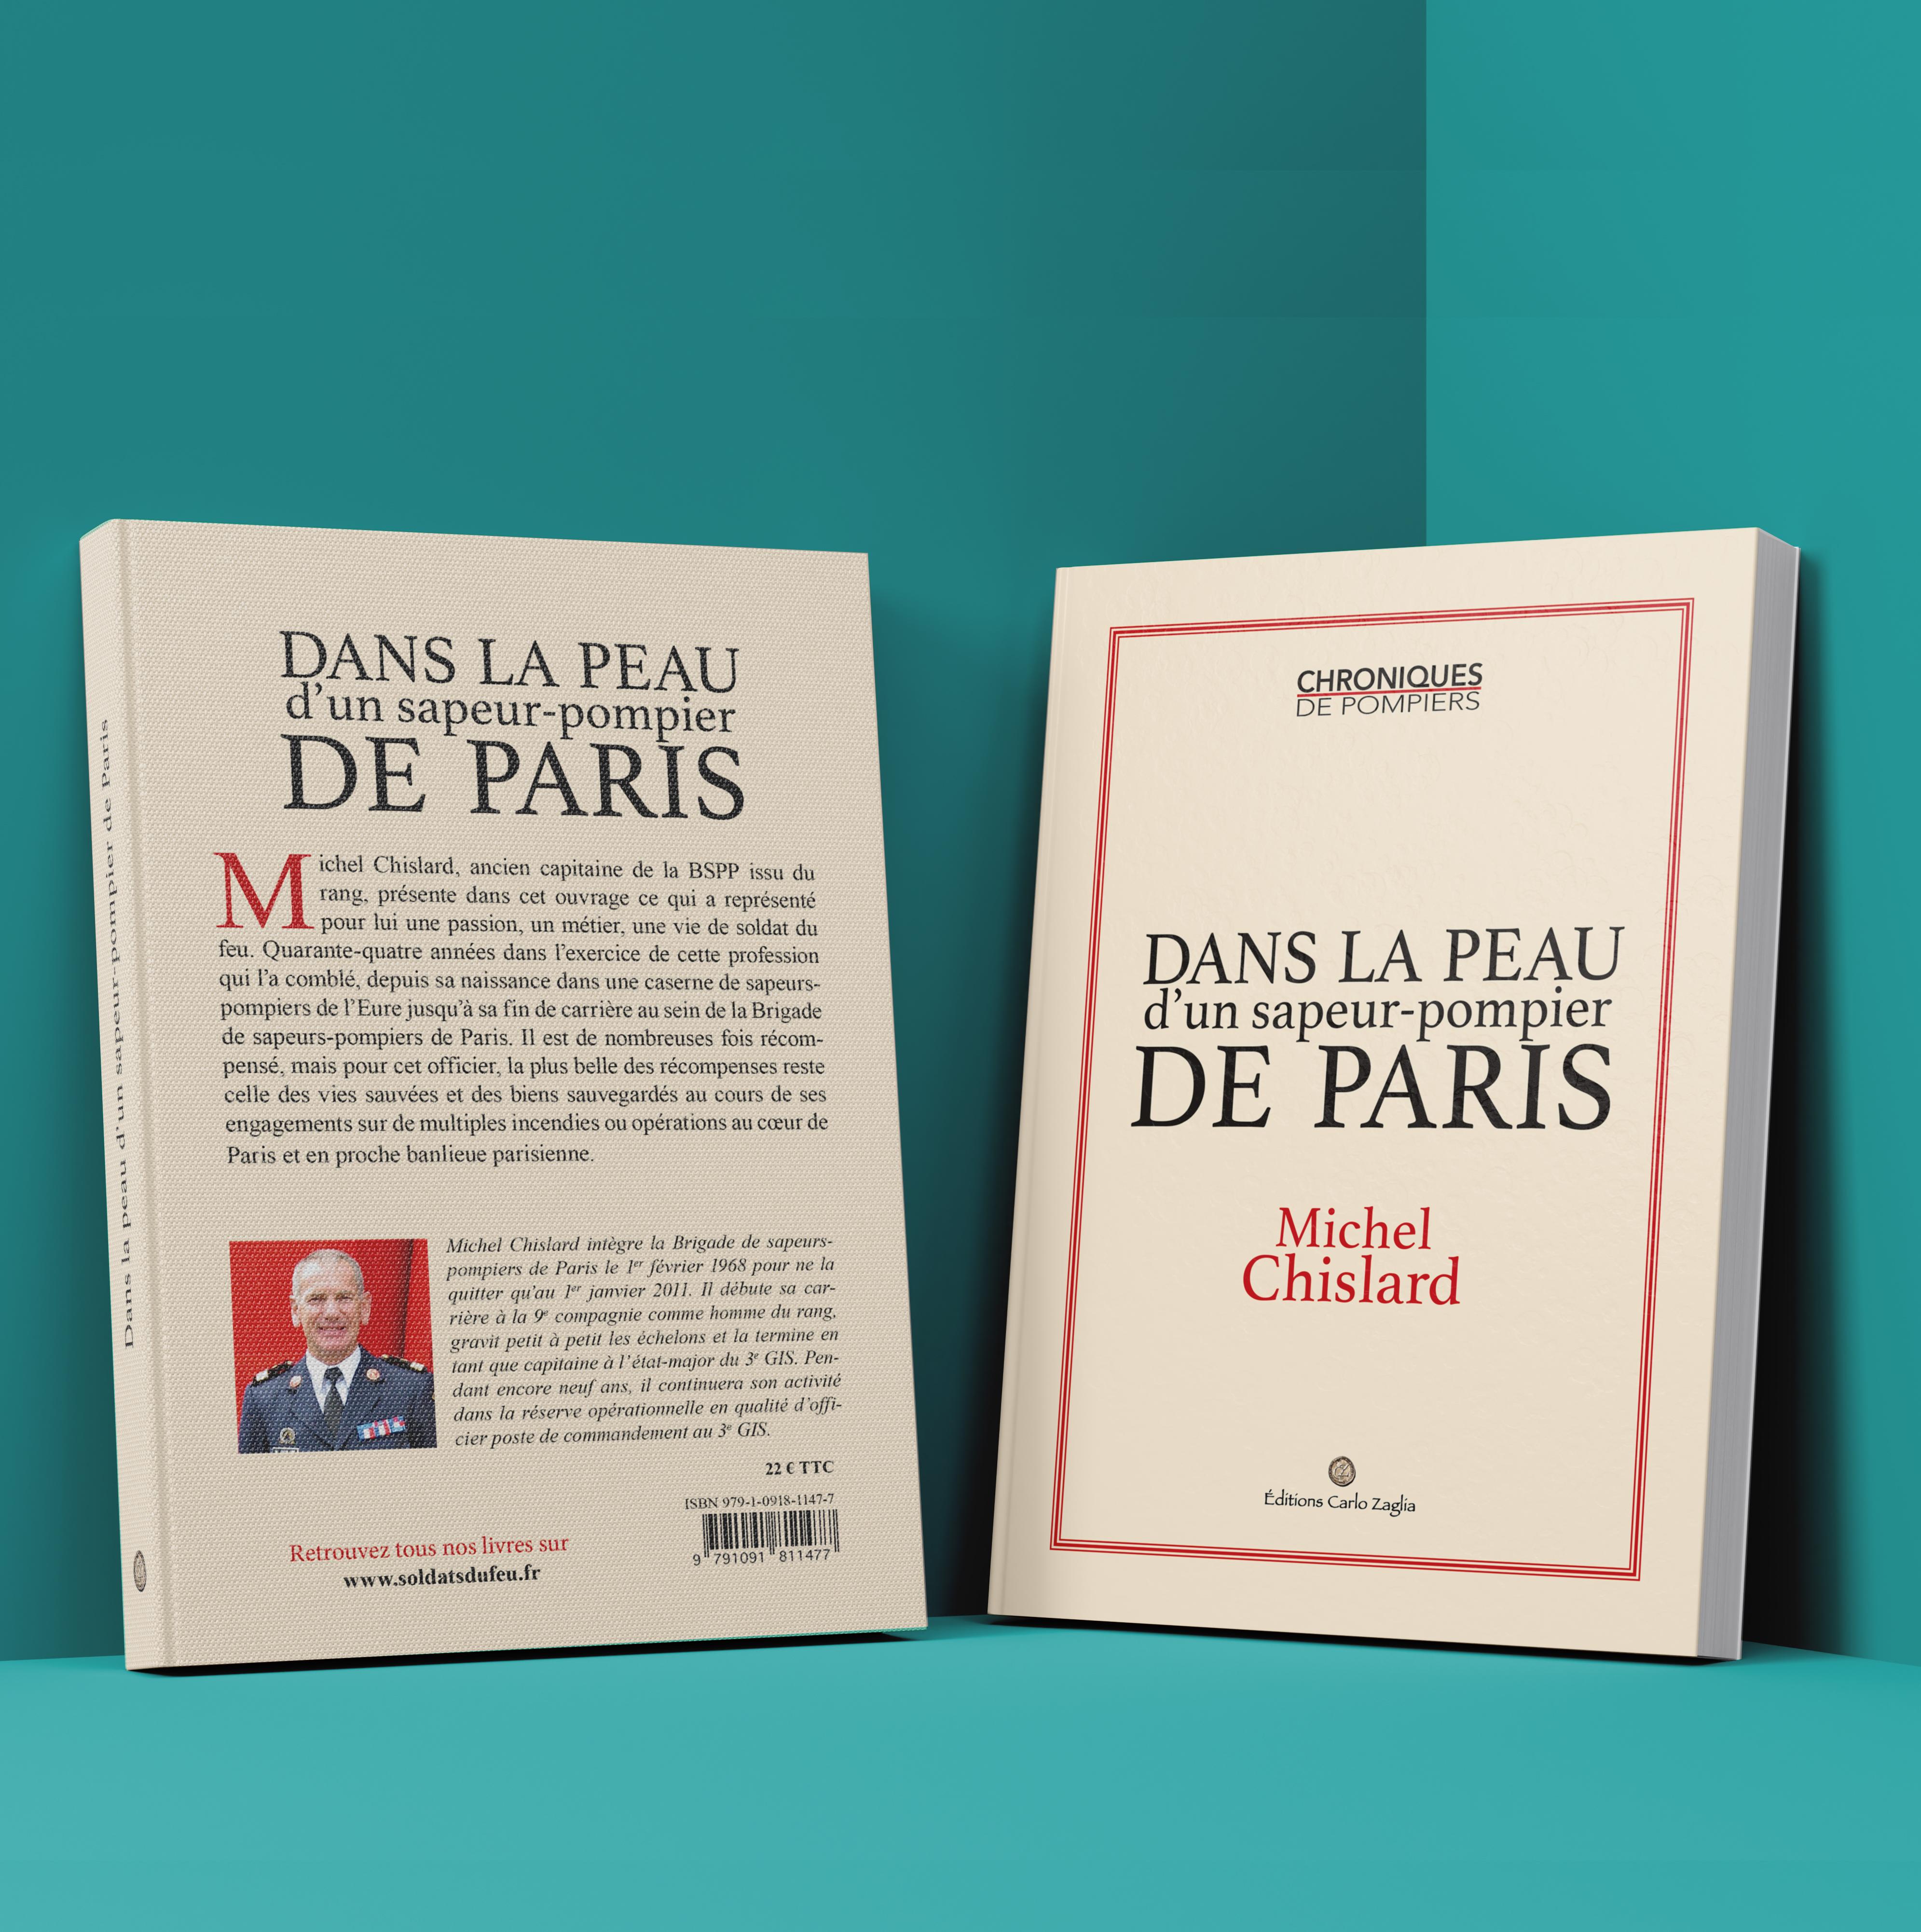 Dans la peau d'un sapeur-pompier de Paris